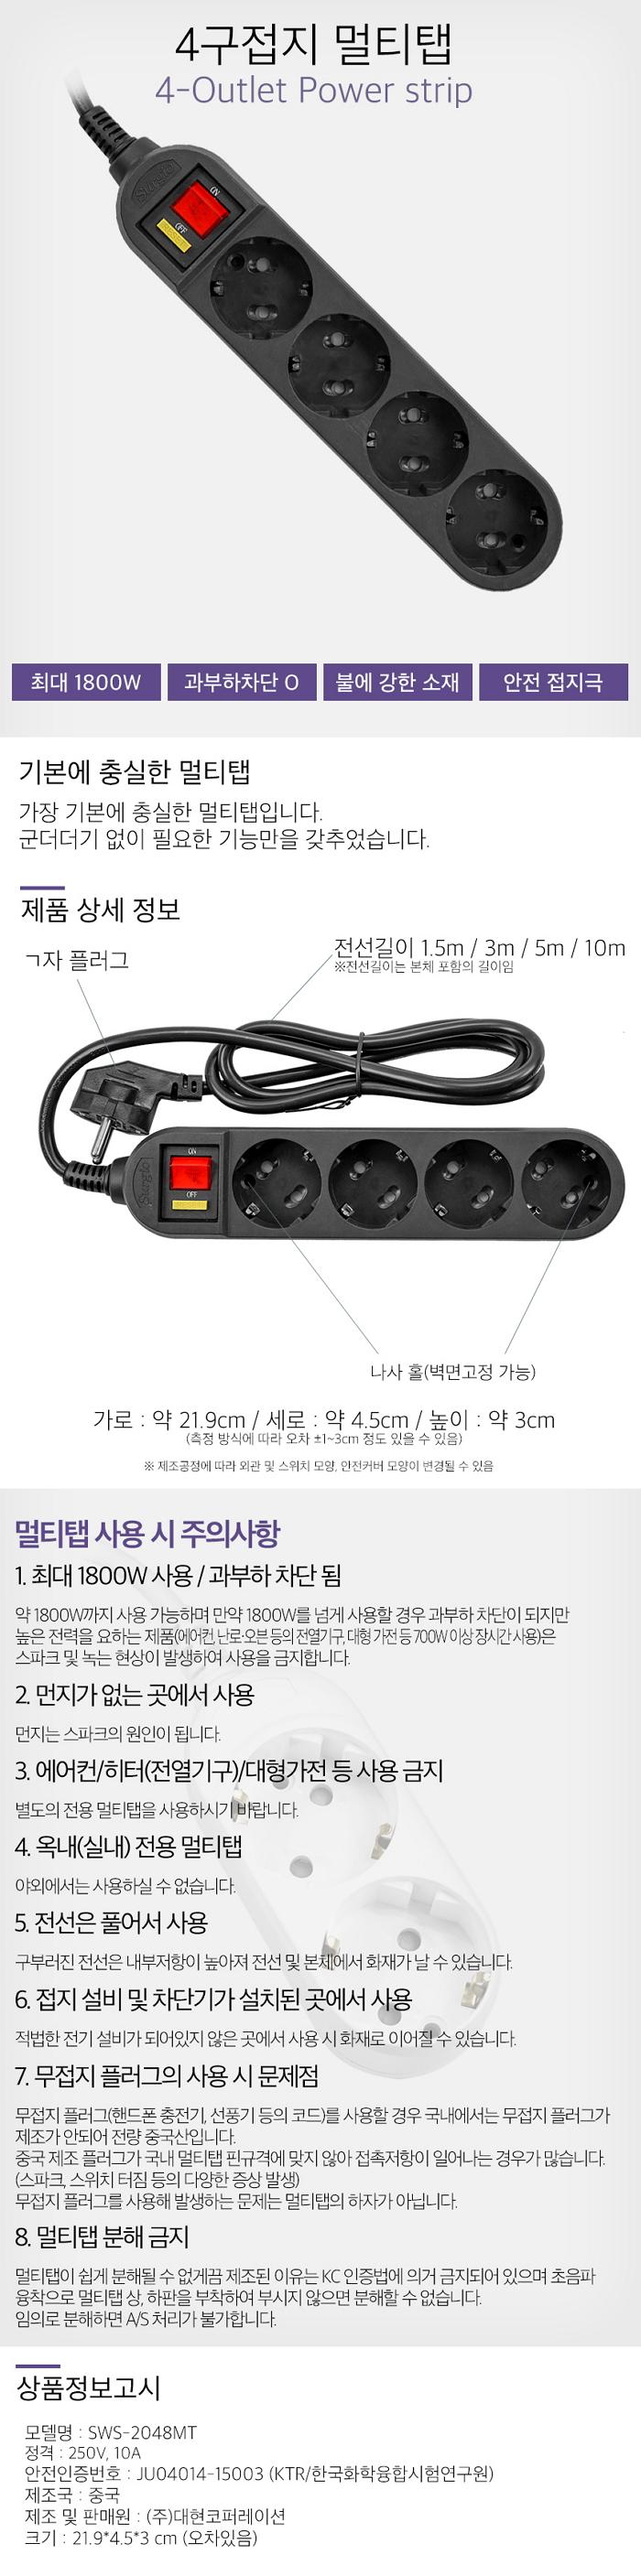 대현코퍼레이션 써지오 4구 10A 메인 스위치 멀티탭 블랙 신형 (1.5m)